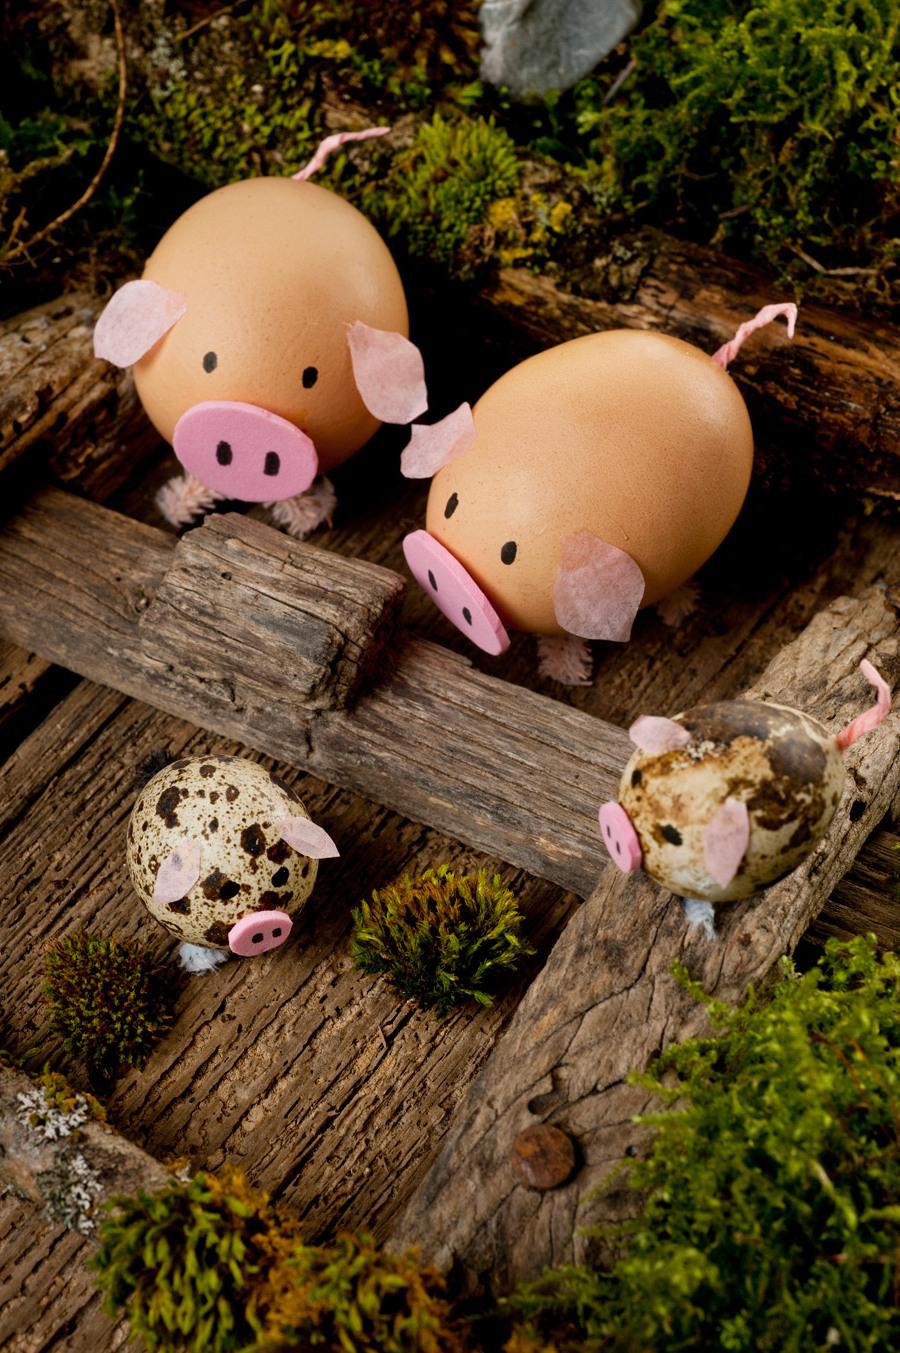 Überraschen Sie die Kinder bei der Ostereiersuche mit diesen herrlichen Ostereiern!